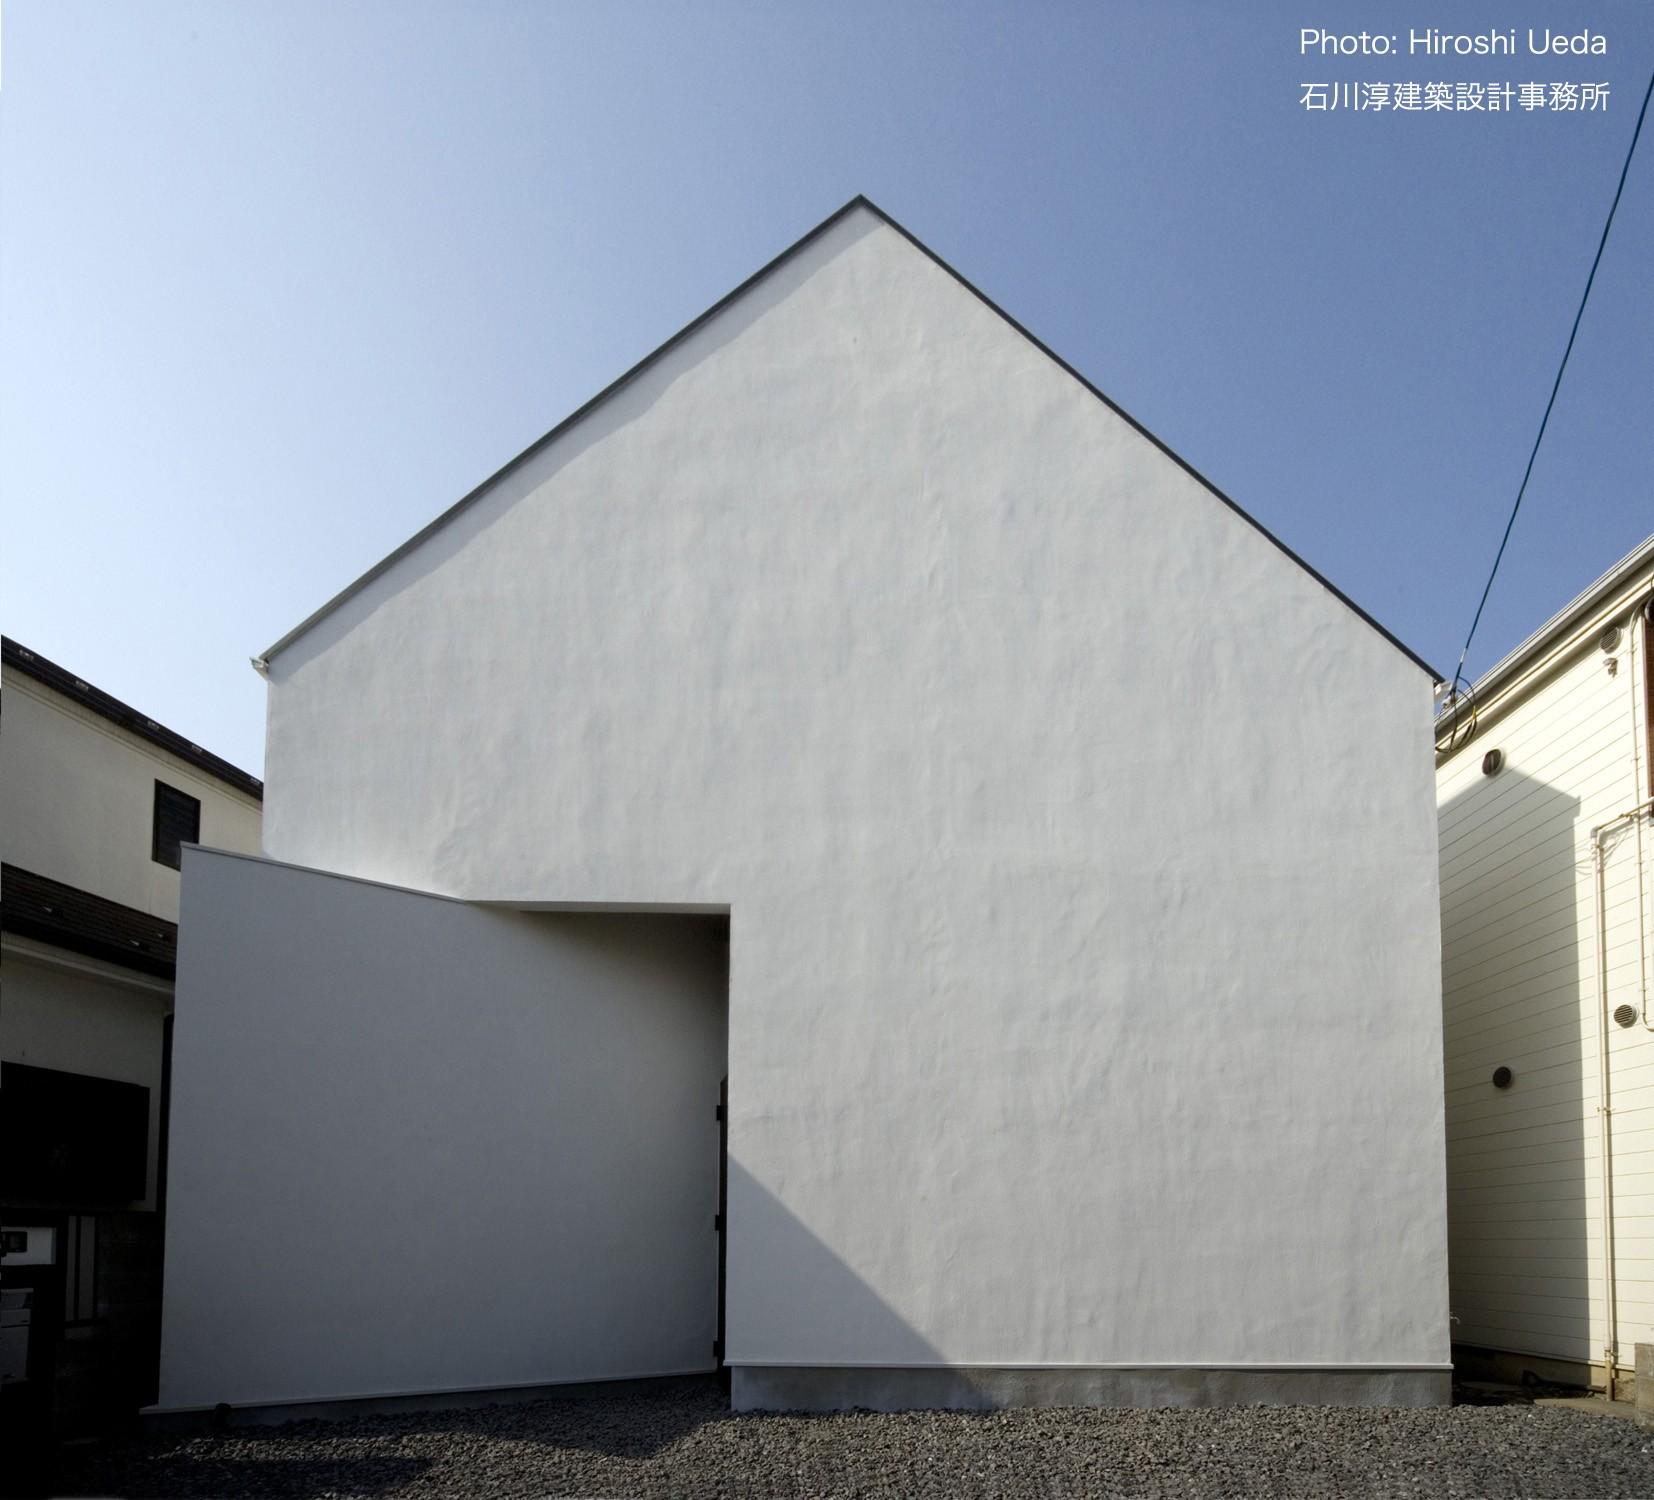 外観事例:狭小二世帯住宅 ミニマルデザインの家 OUCHI-01(デザイン住宅外観いろいろ)